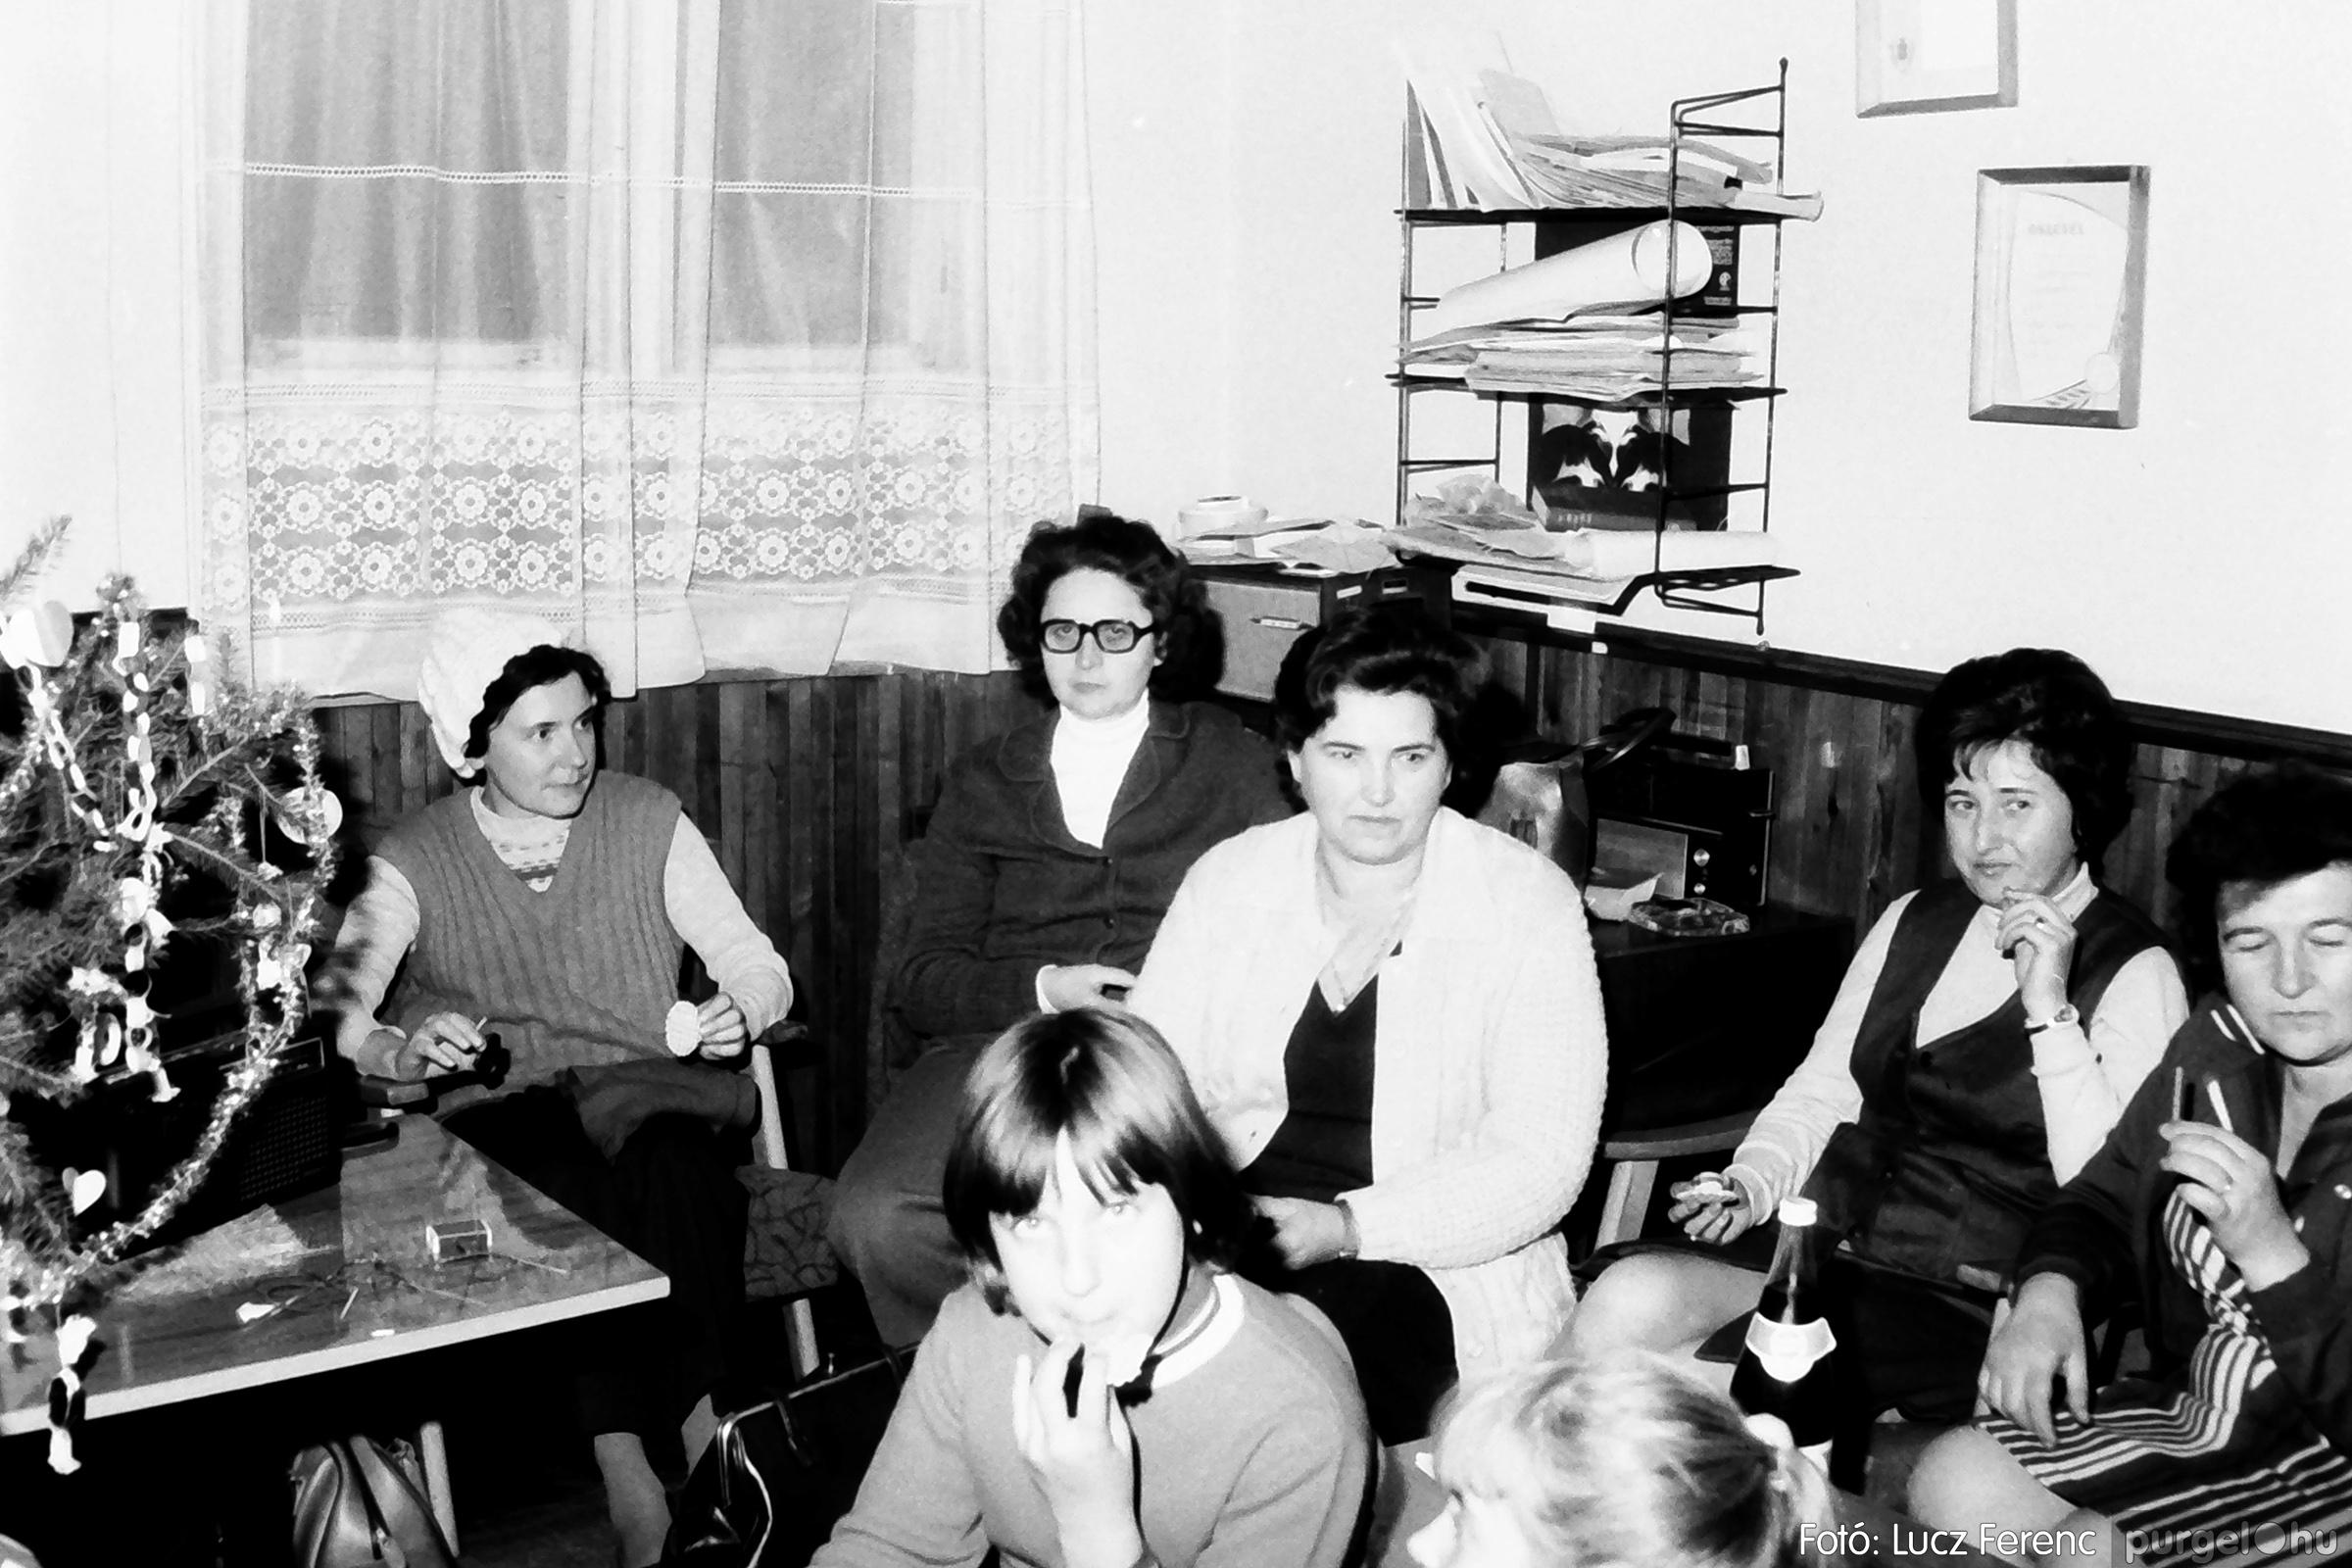 096. 1977. Karácsonyi összejövetel a kultúrházban 013. - Fotó: Lucz Ferenc.jpg